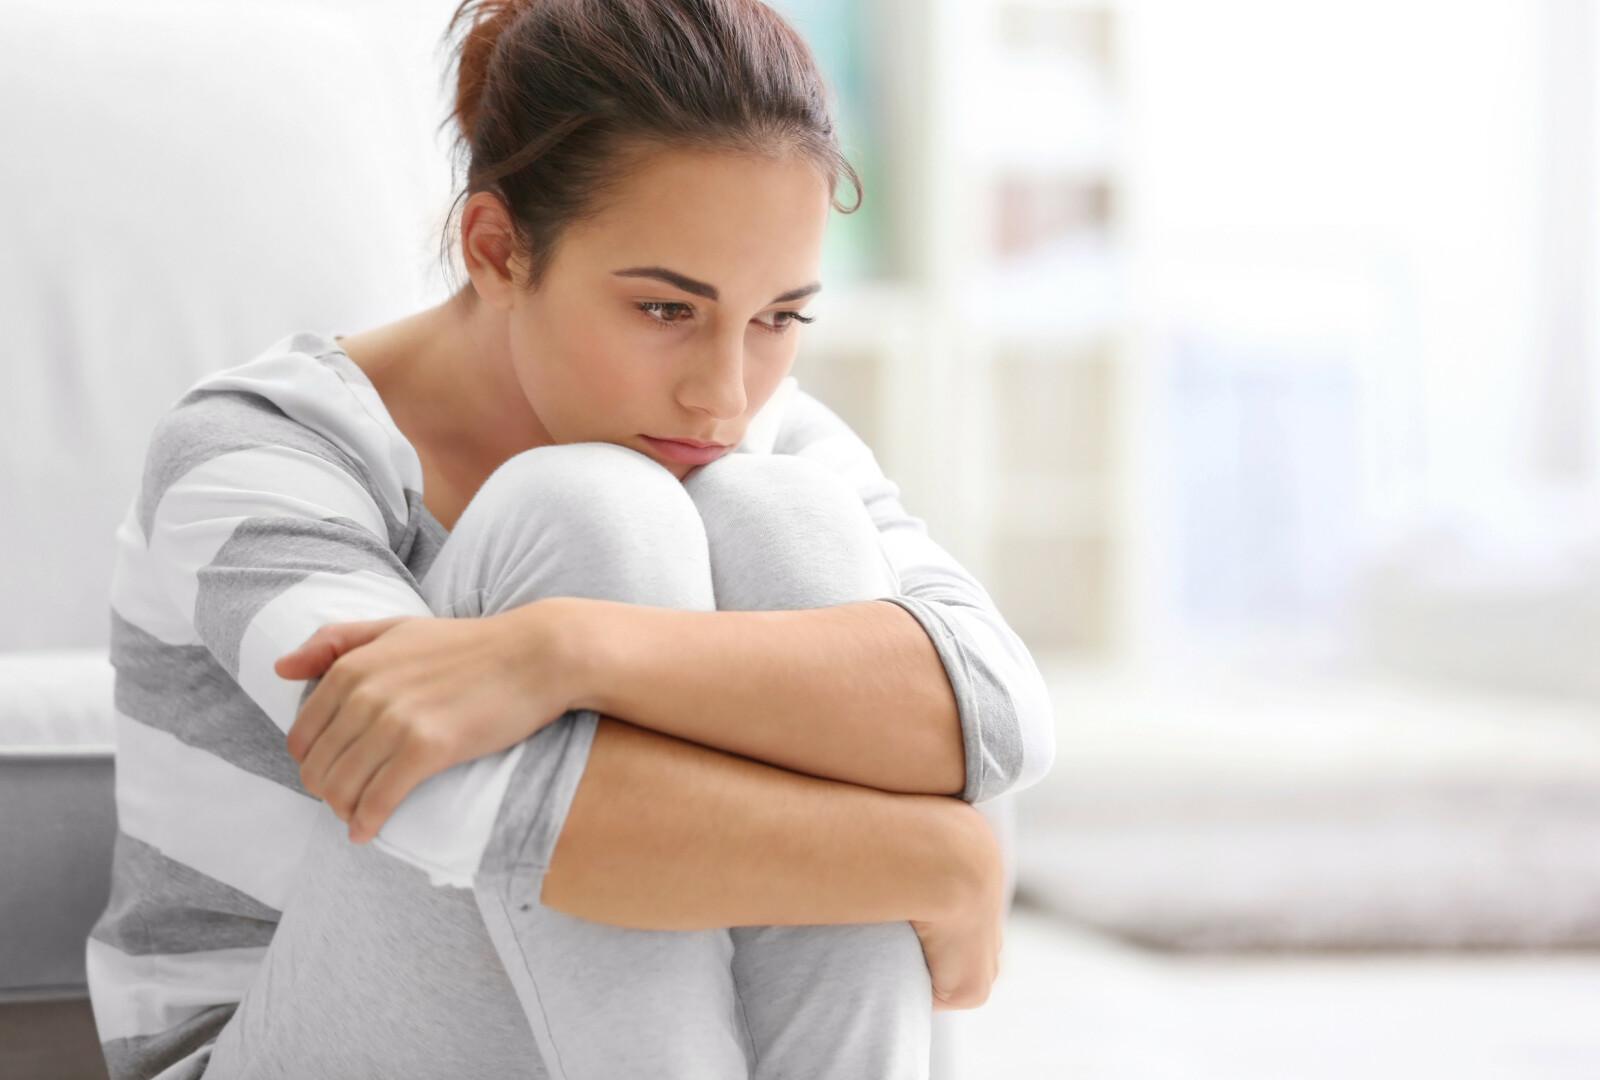 UBEHAG: - «Er det det som gjør at det er vondt?» er svaret jeg ofte får da, har gynekolog Ottar Kåre Rekkedal uttalt til Lommelegen, når han har forklart kvinner at bakovervendt livmor kan forårsake ubehag ved samleie. ILLUSTRASJONSFOTO: NTB